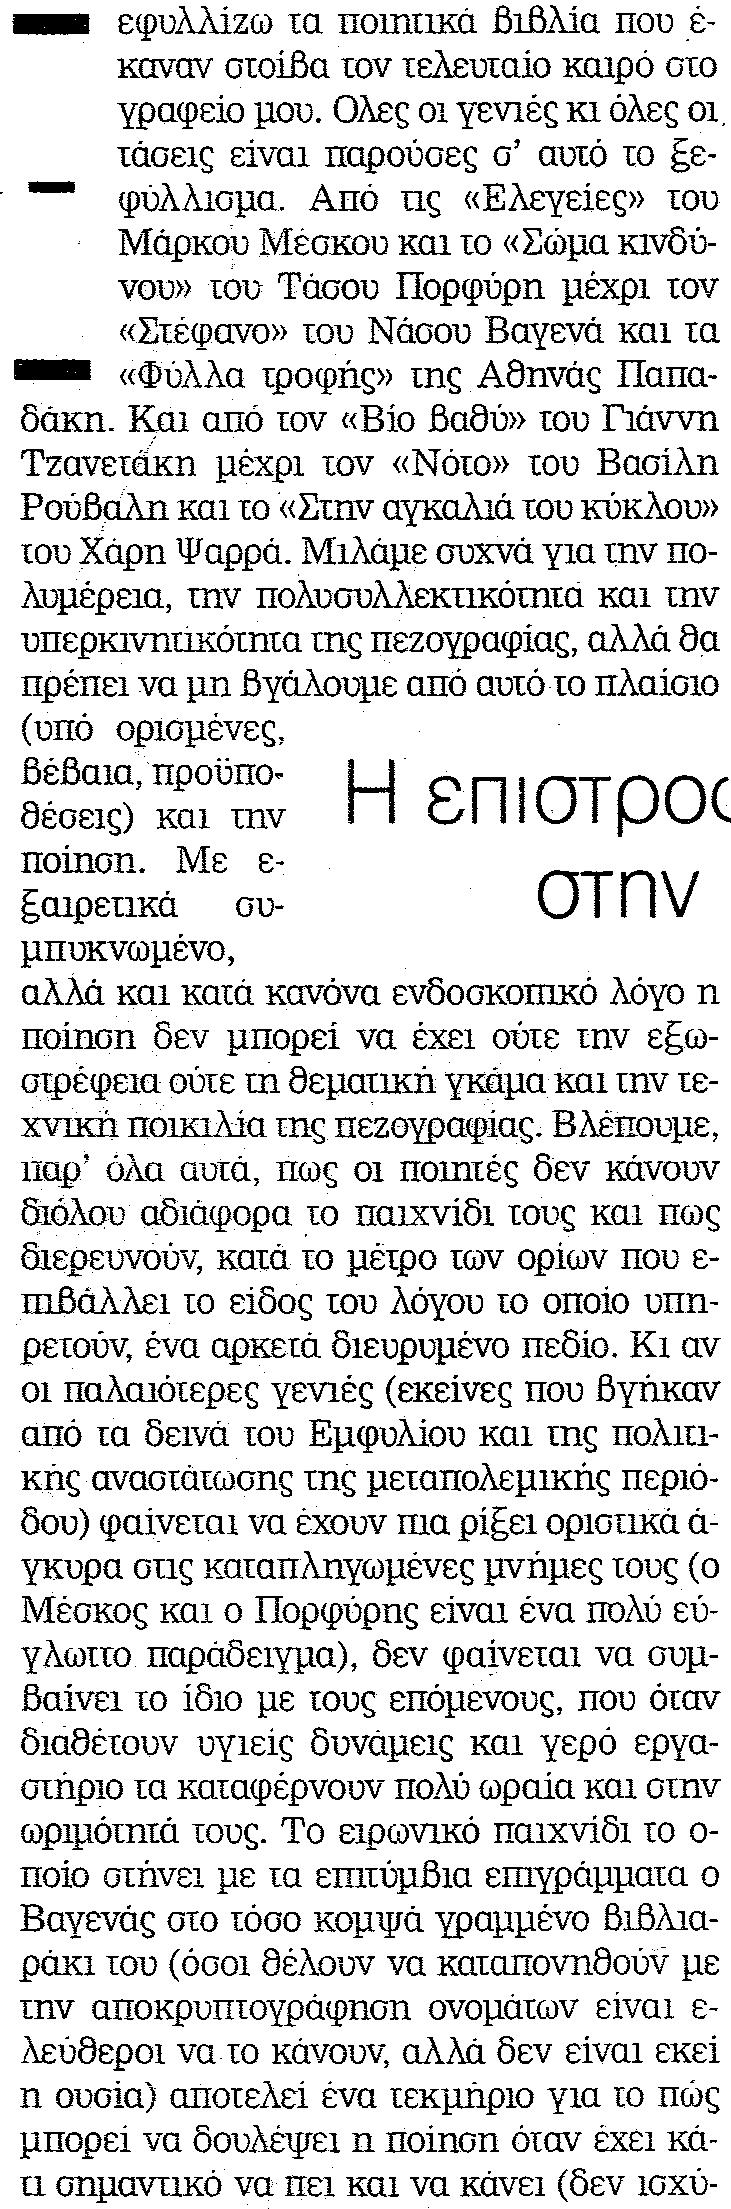 ΒΑΓΓΕΛΗΣ ΧΑΤΖΙΒΑΣΙΛΕΙΟΥ, ΛΟΓΟΥ ΧΑΡΗ1